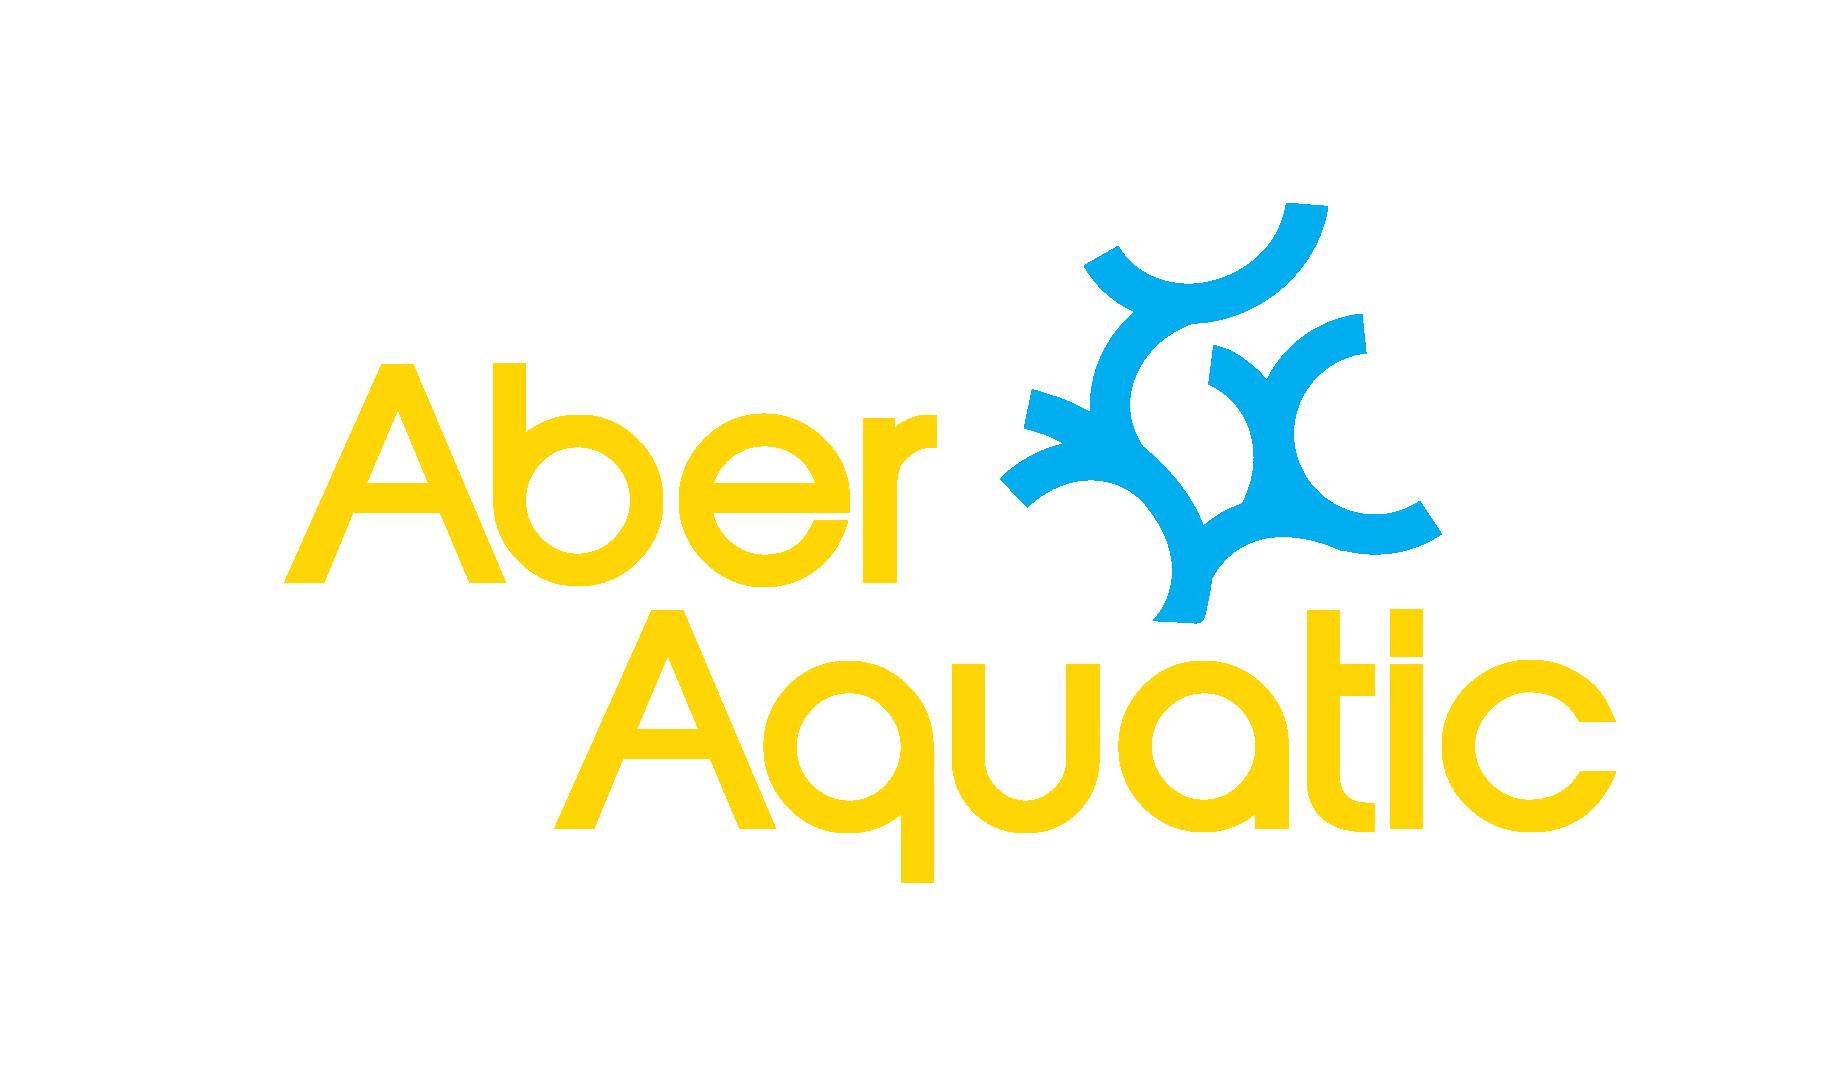 Aber Aquatic